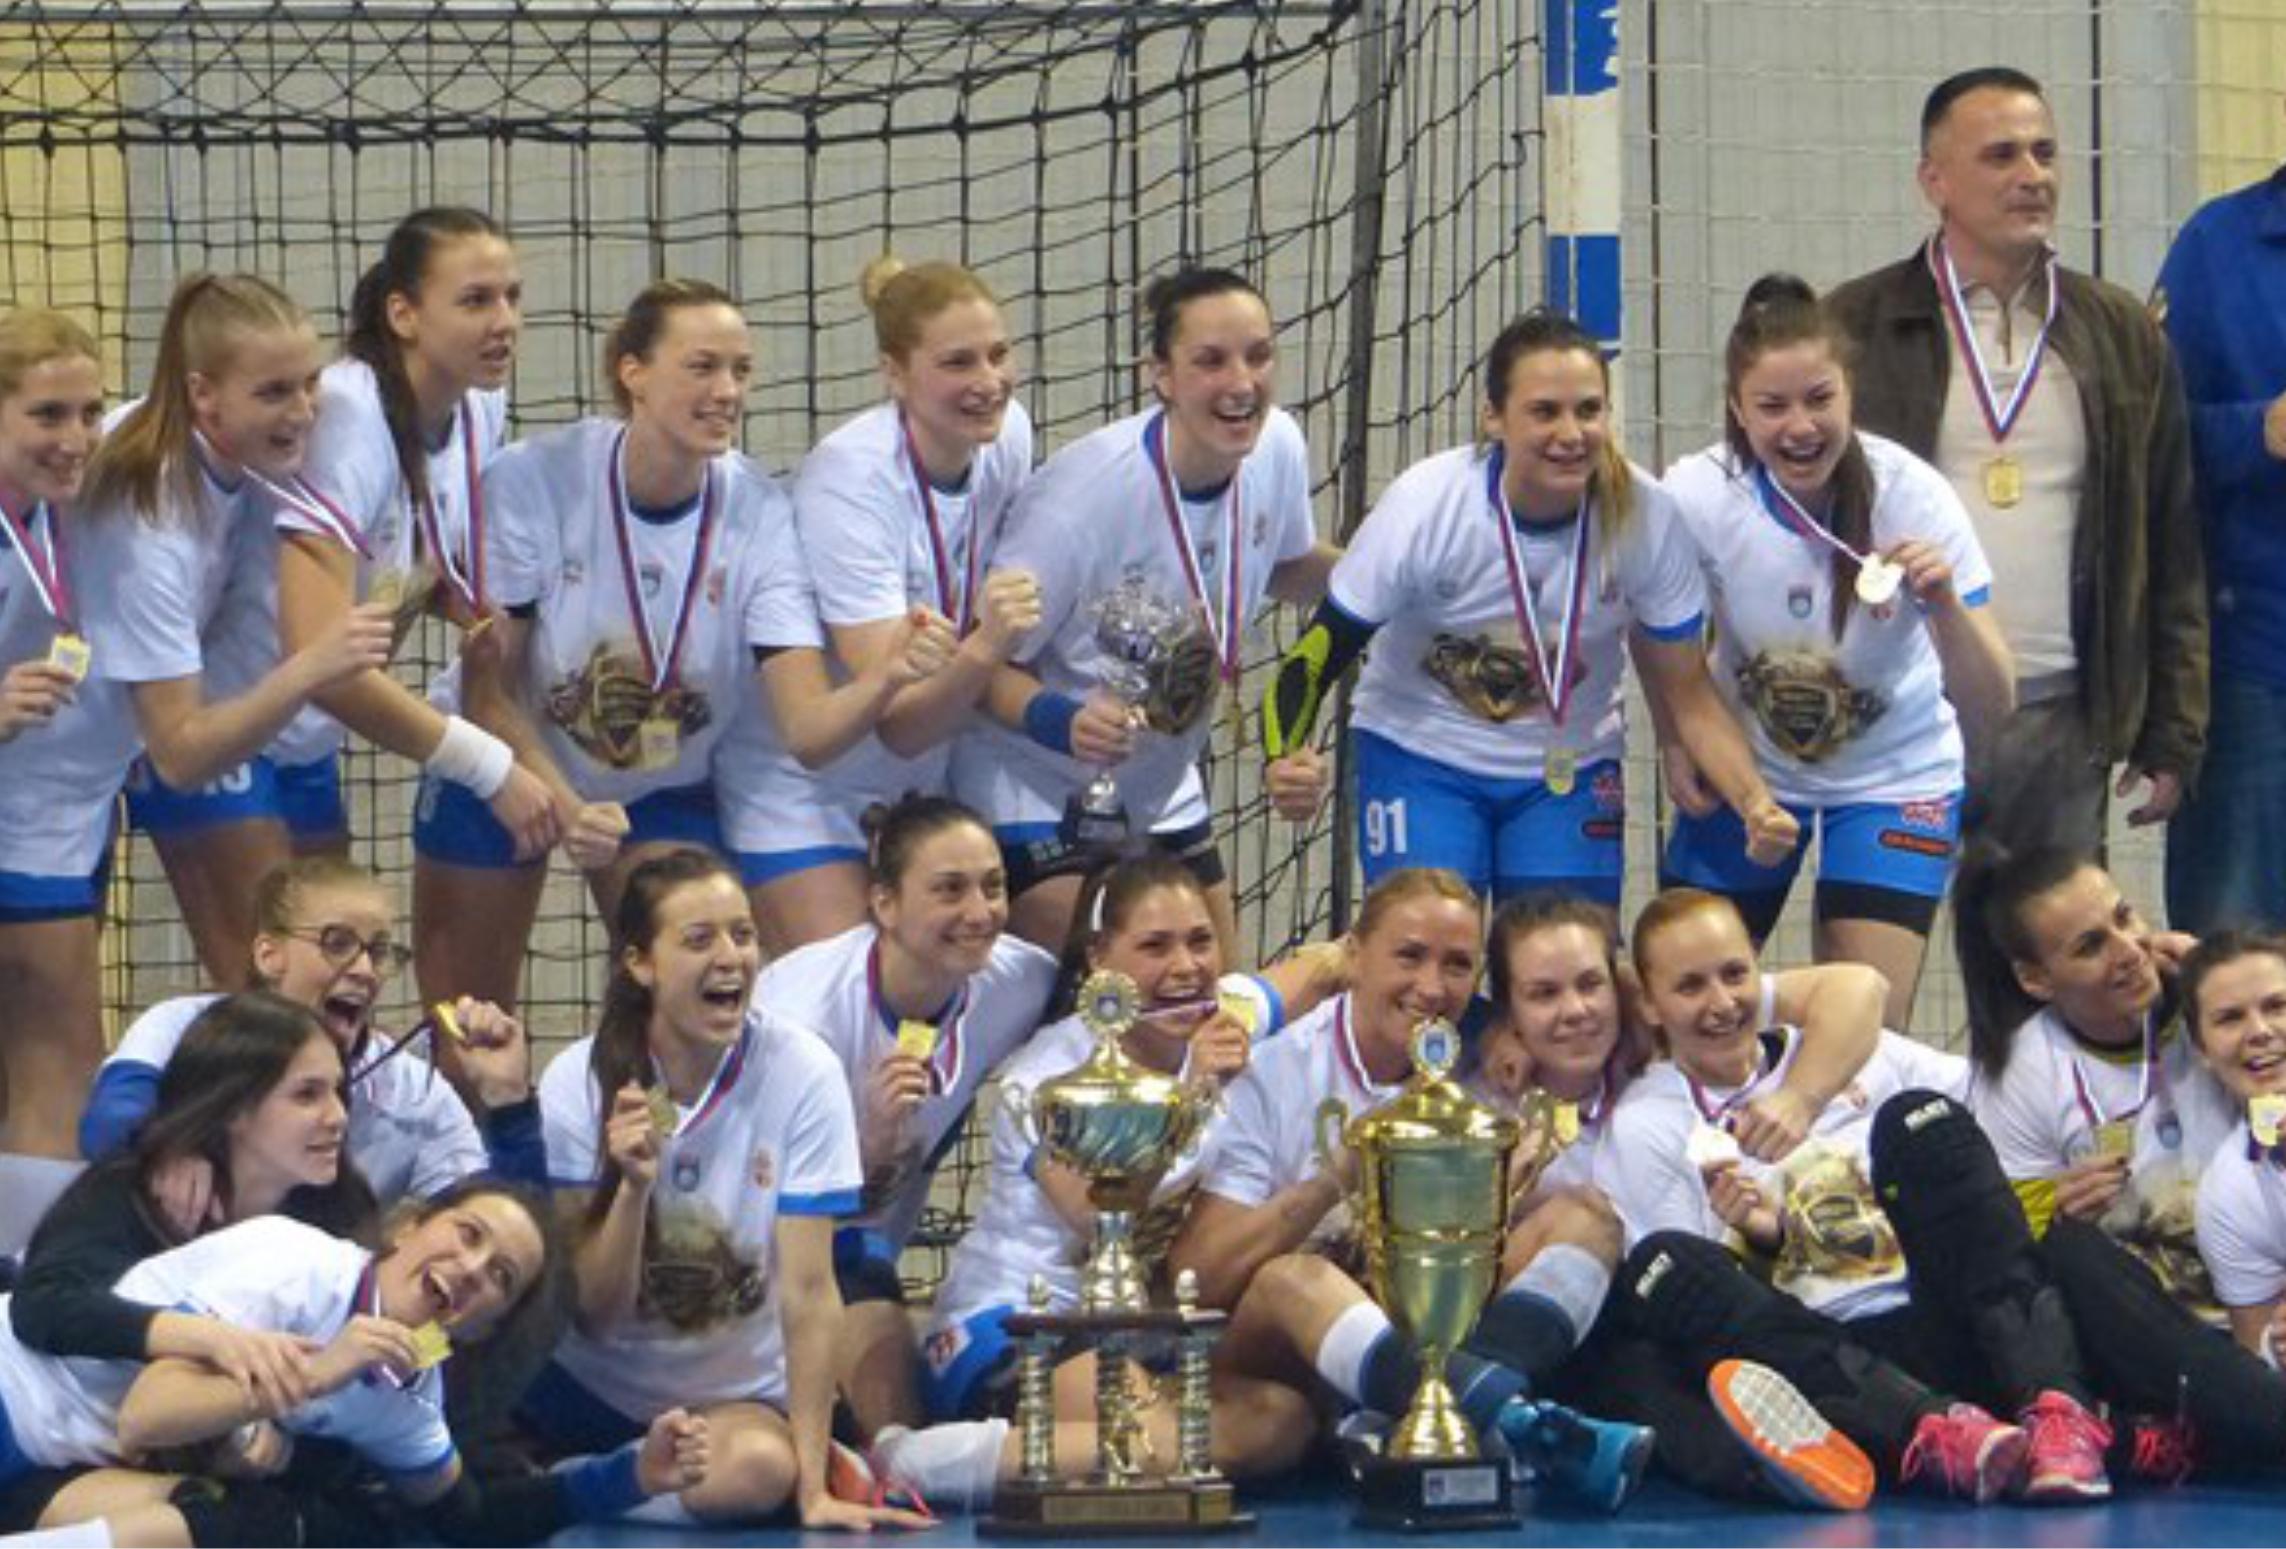 Još jedan trofej u ARDU opremi! ŽRK Bekament Bukovička Banja osvajač kupa Srbije 2019